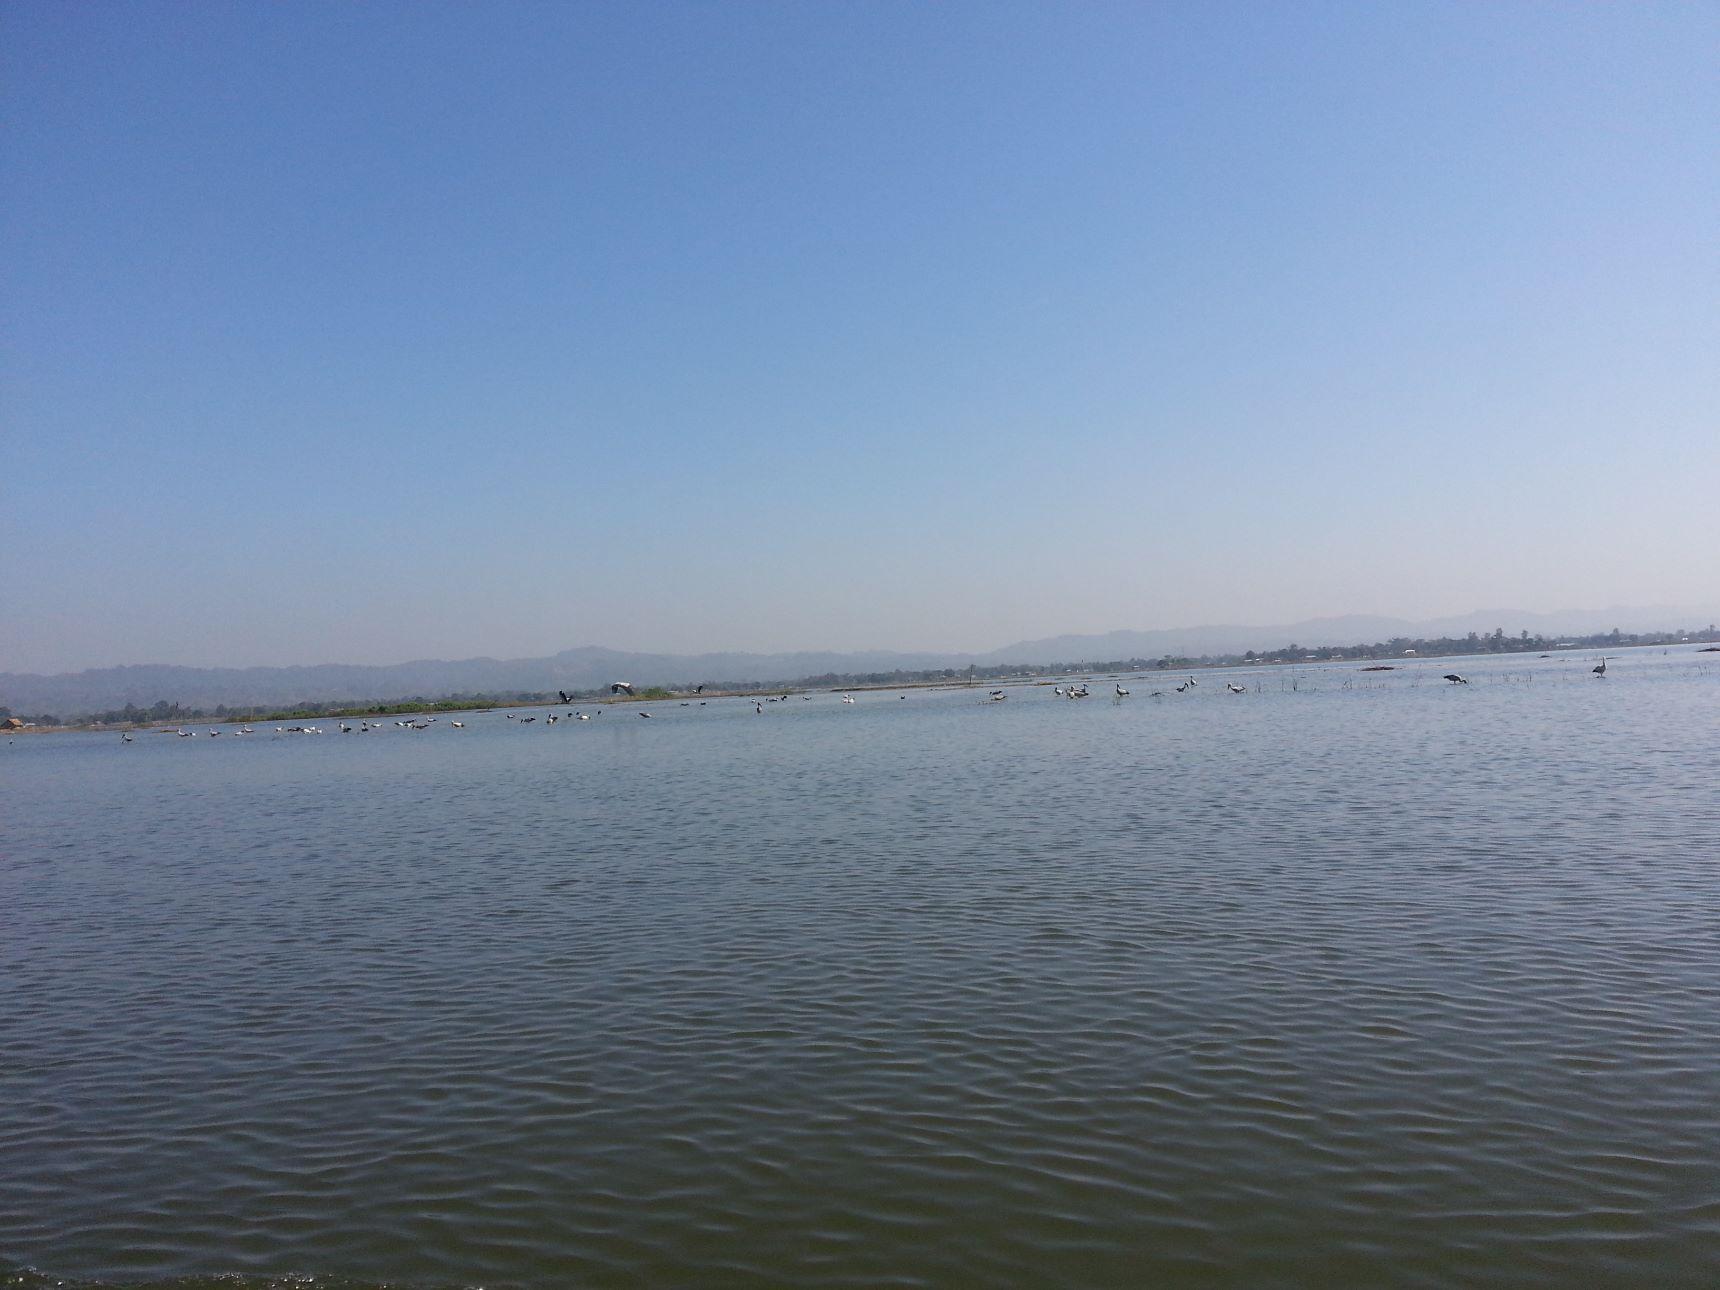 কাপ্তাই হ্রদ